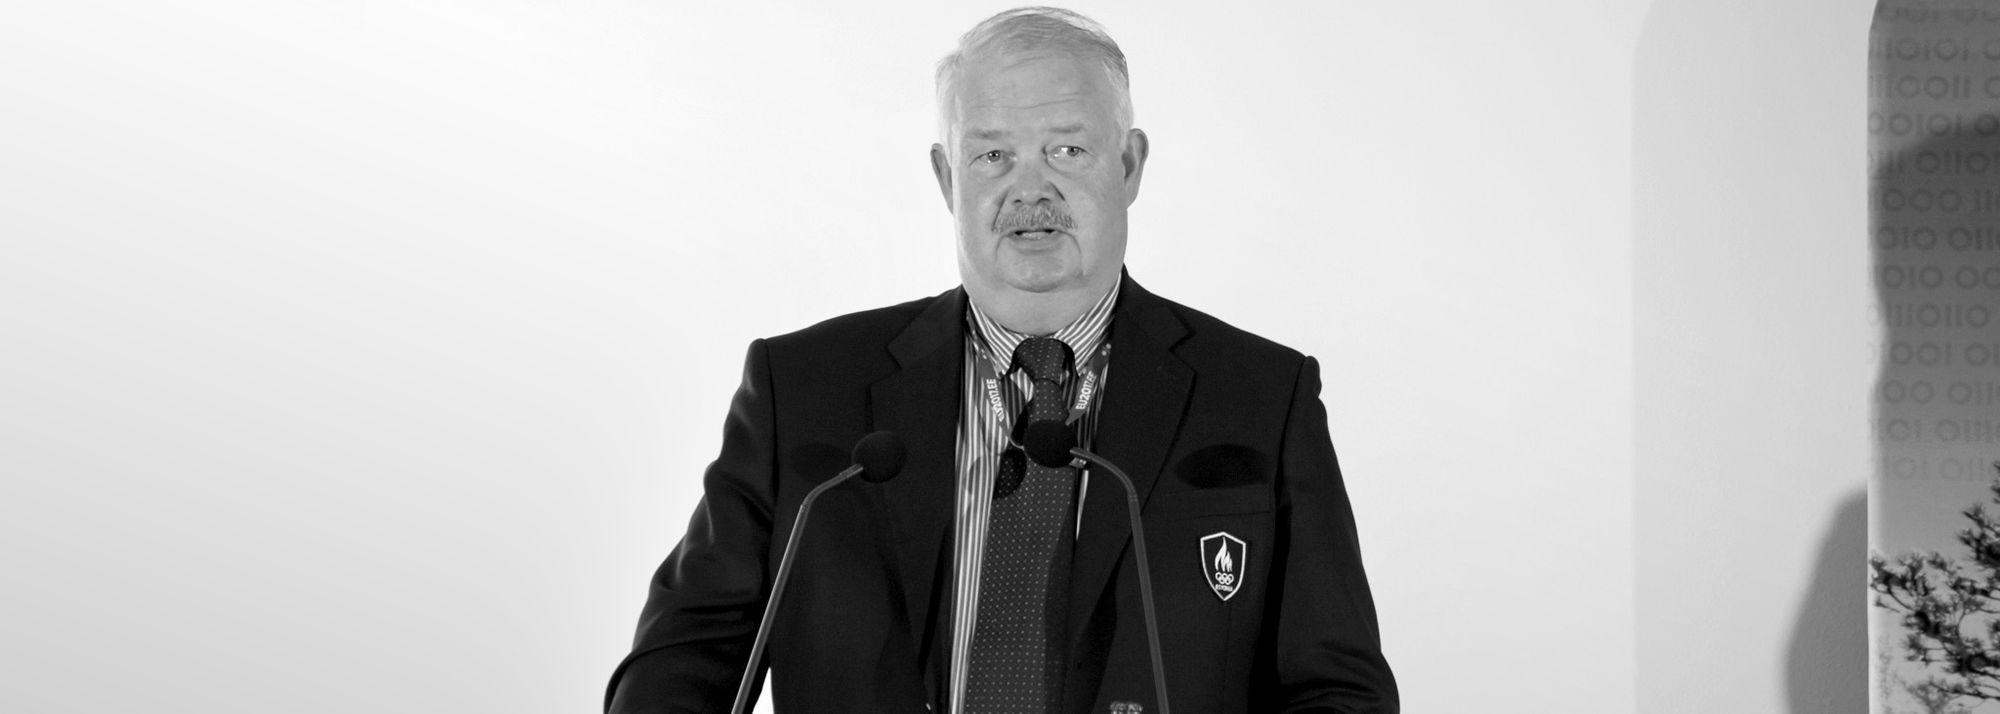 Juri Tamm, 1957-2021